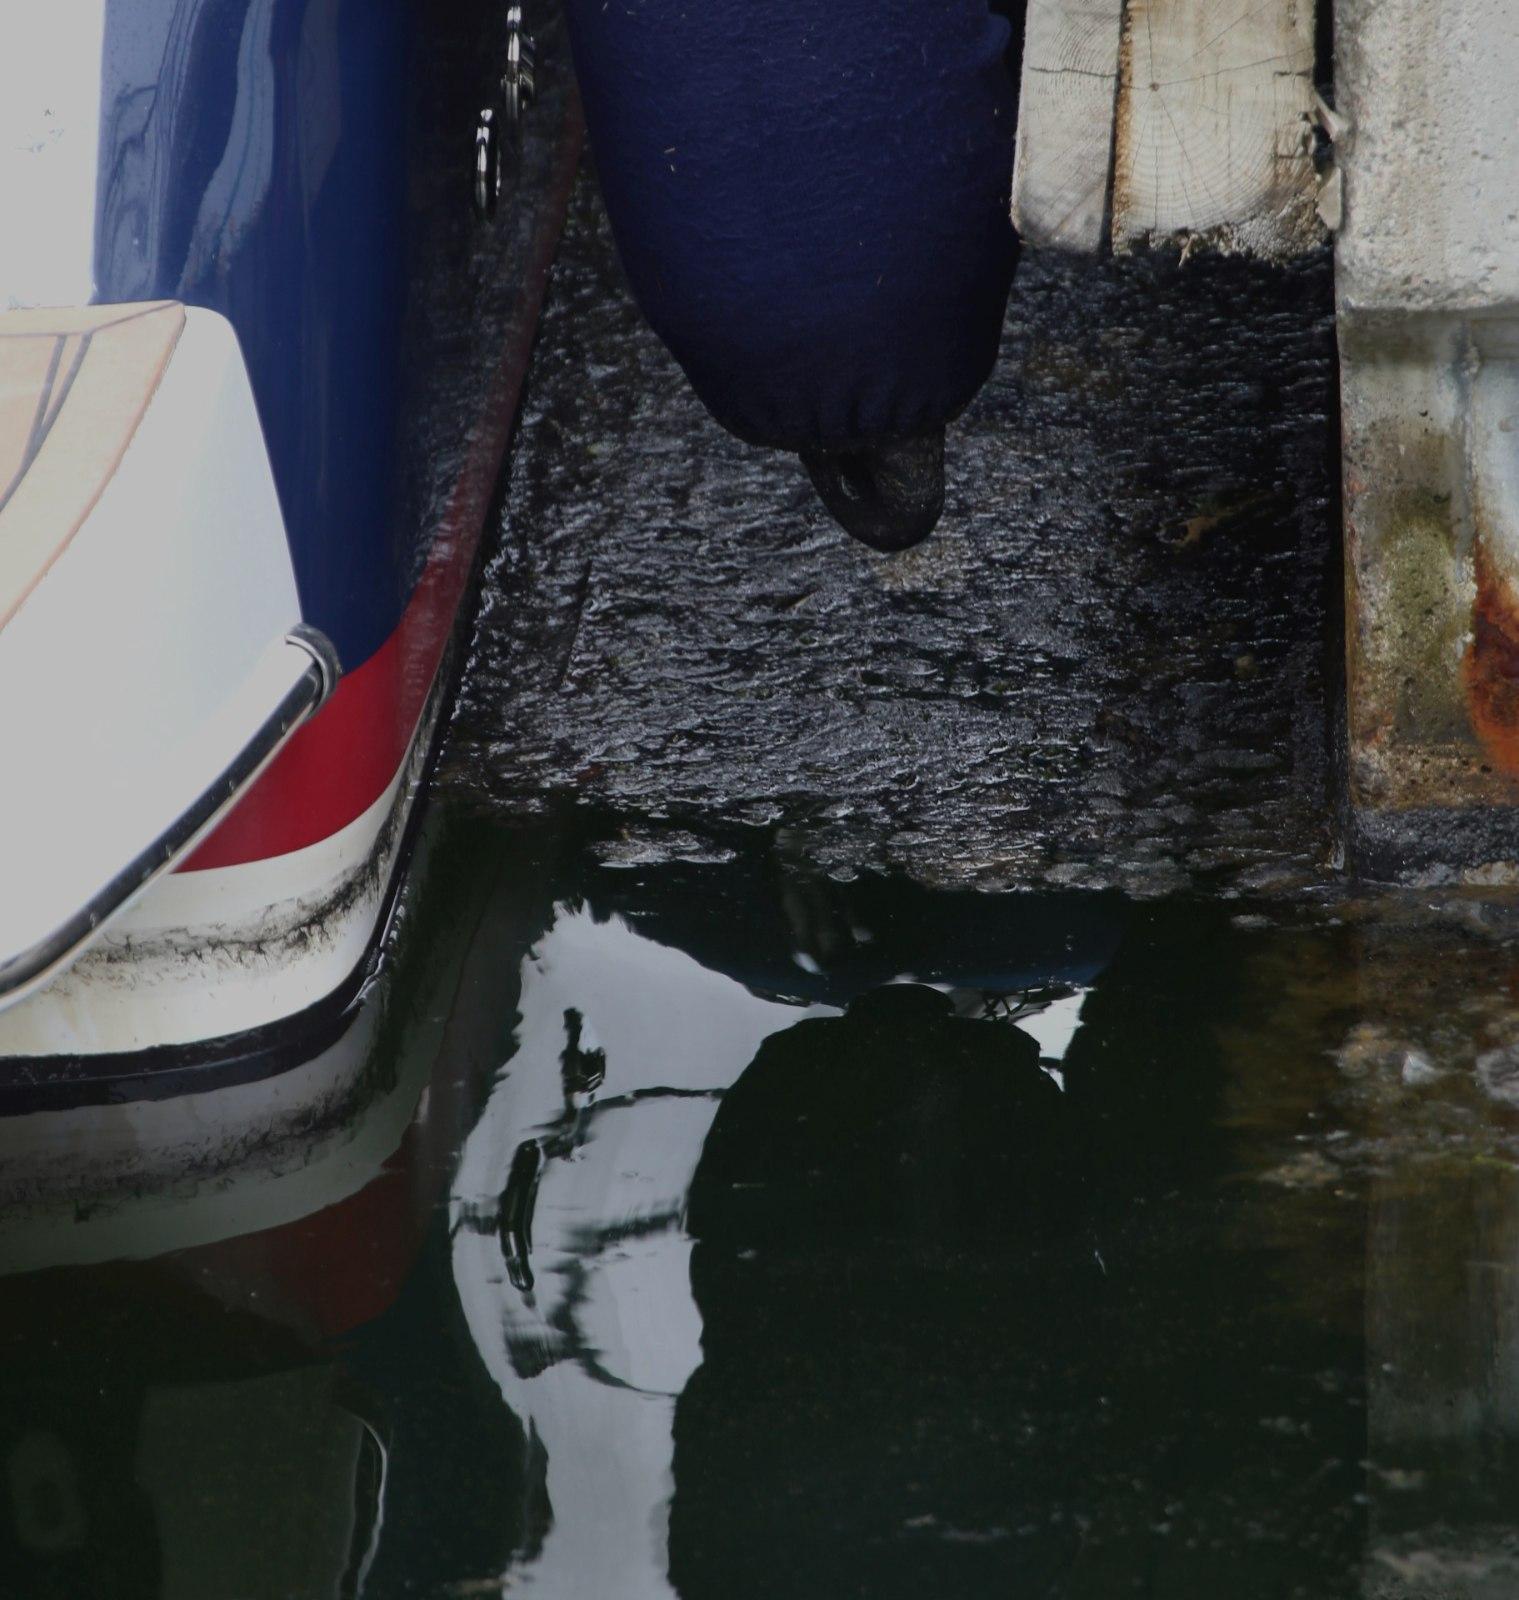 92f95414dea GALERII: Lennusadamast leiti merelt tulnud reostust | Õhtuleht